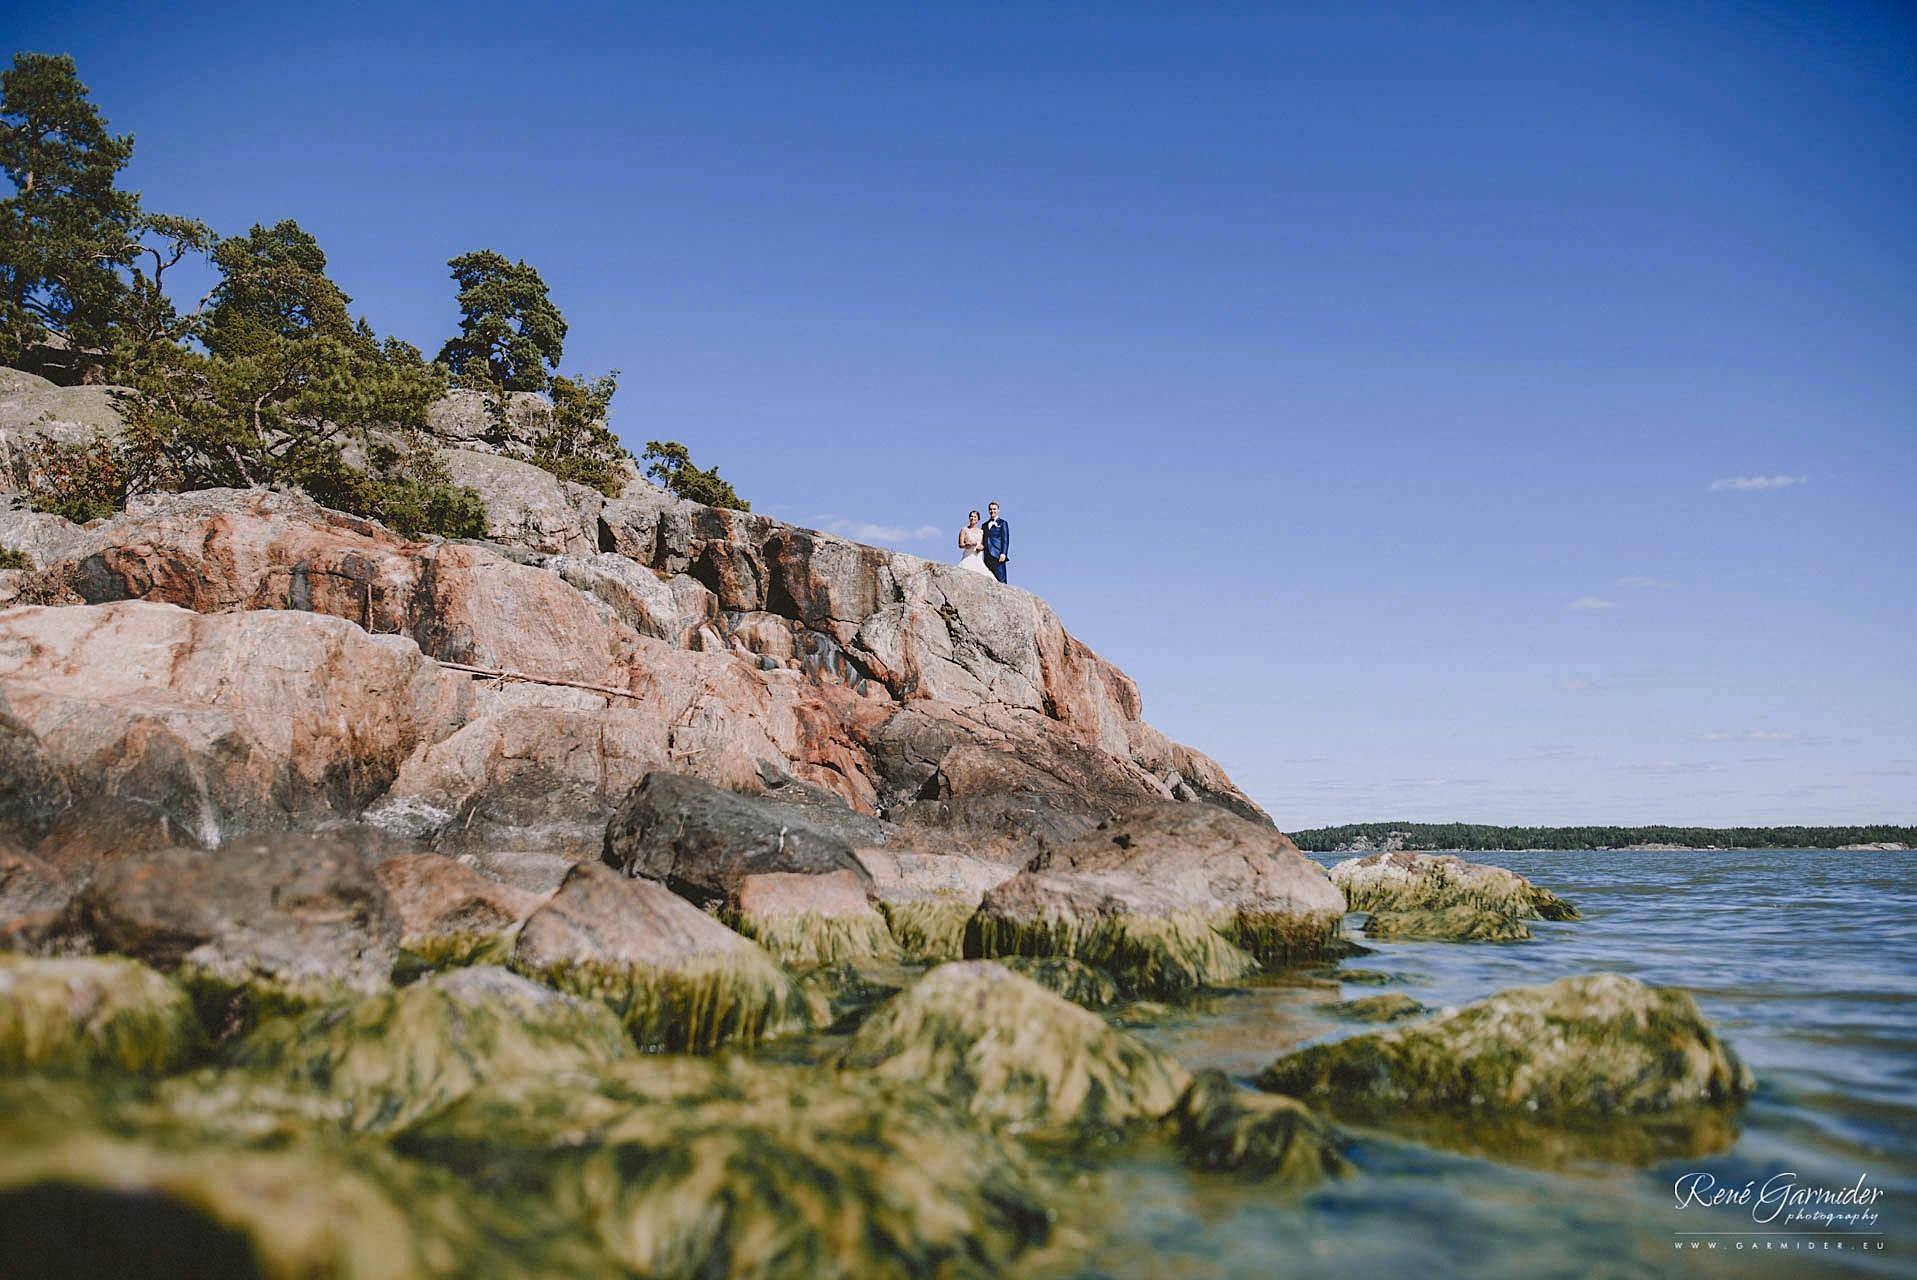 destination-wedding-photography-finland-miljookuvaus-haakuvaus-haakuvaaja-leena-juri-31